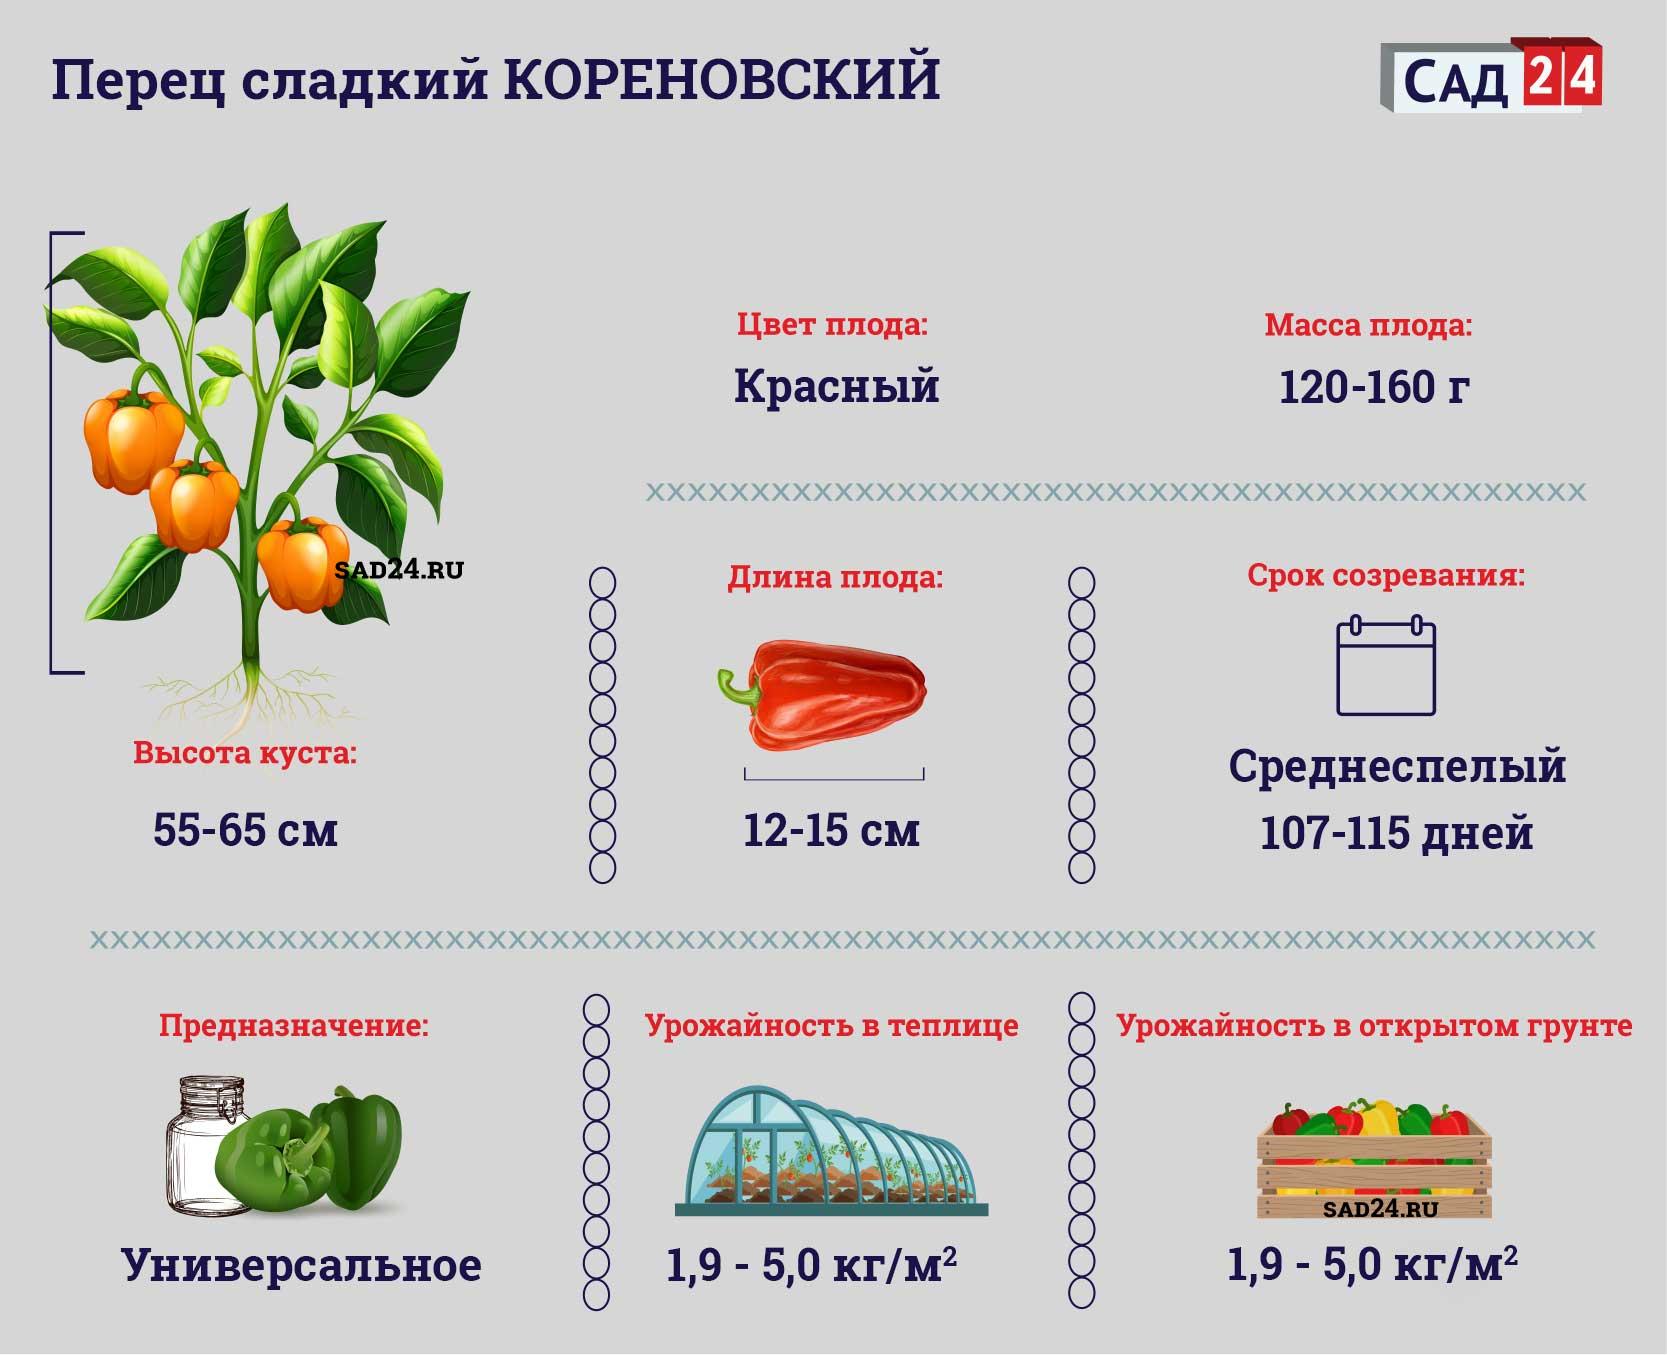 Кореновский - https://sad24.ru/